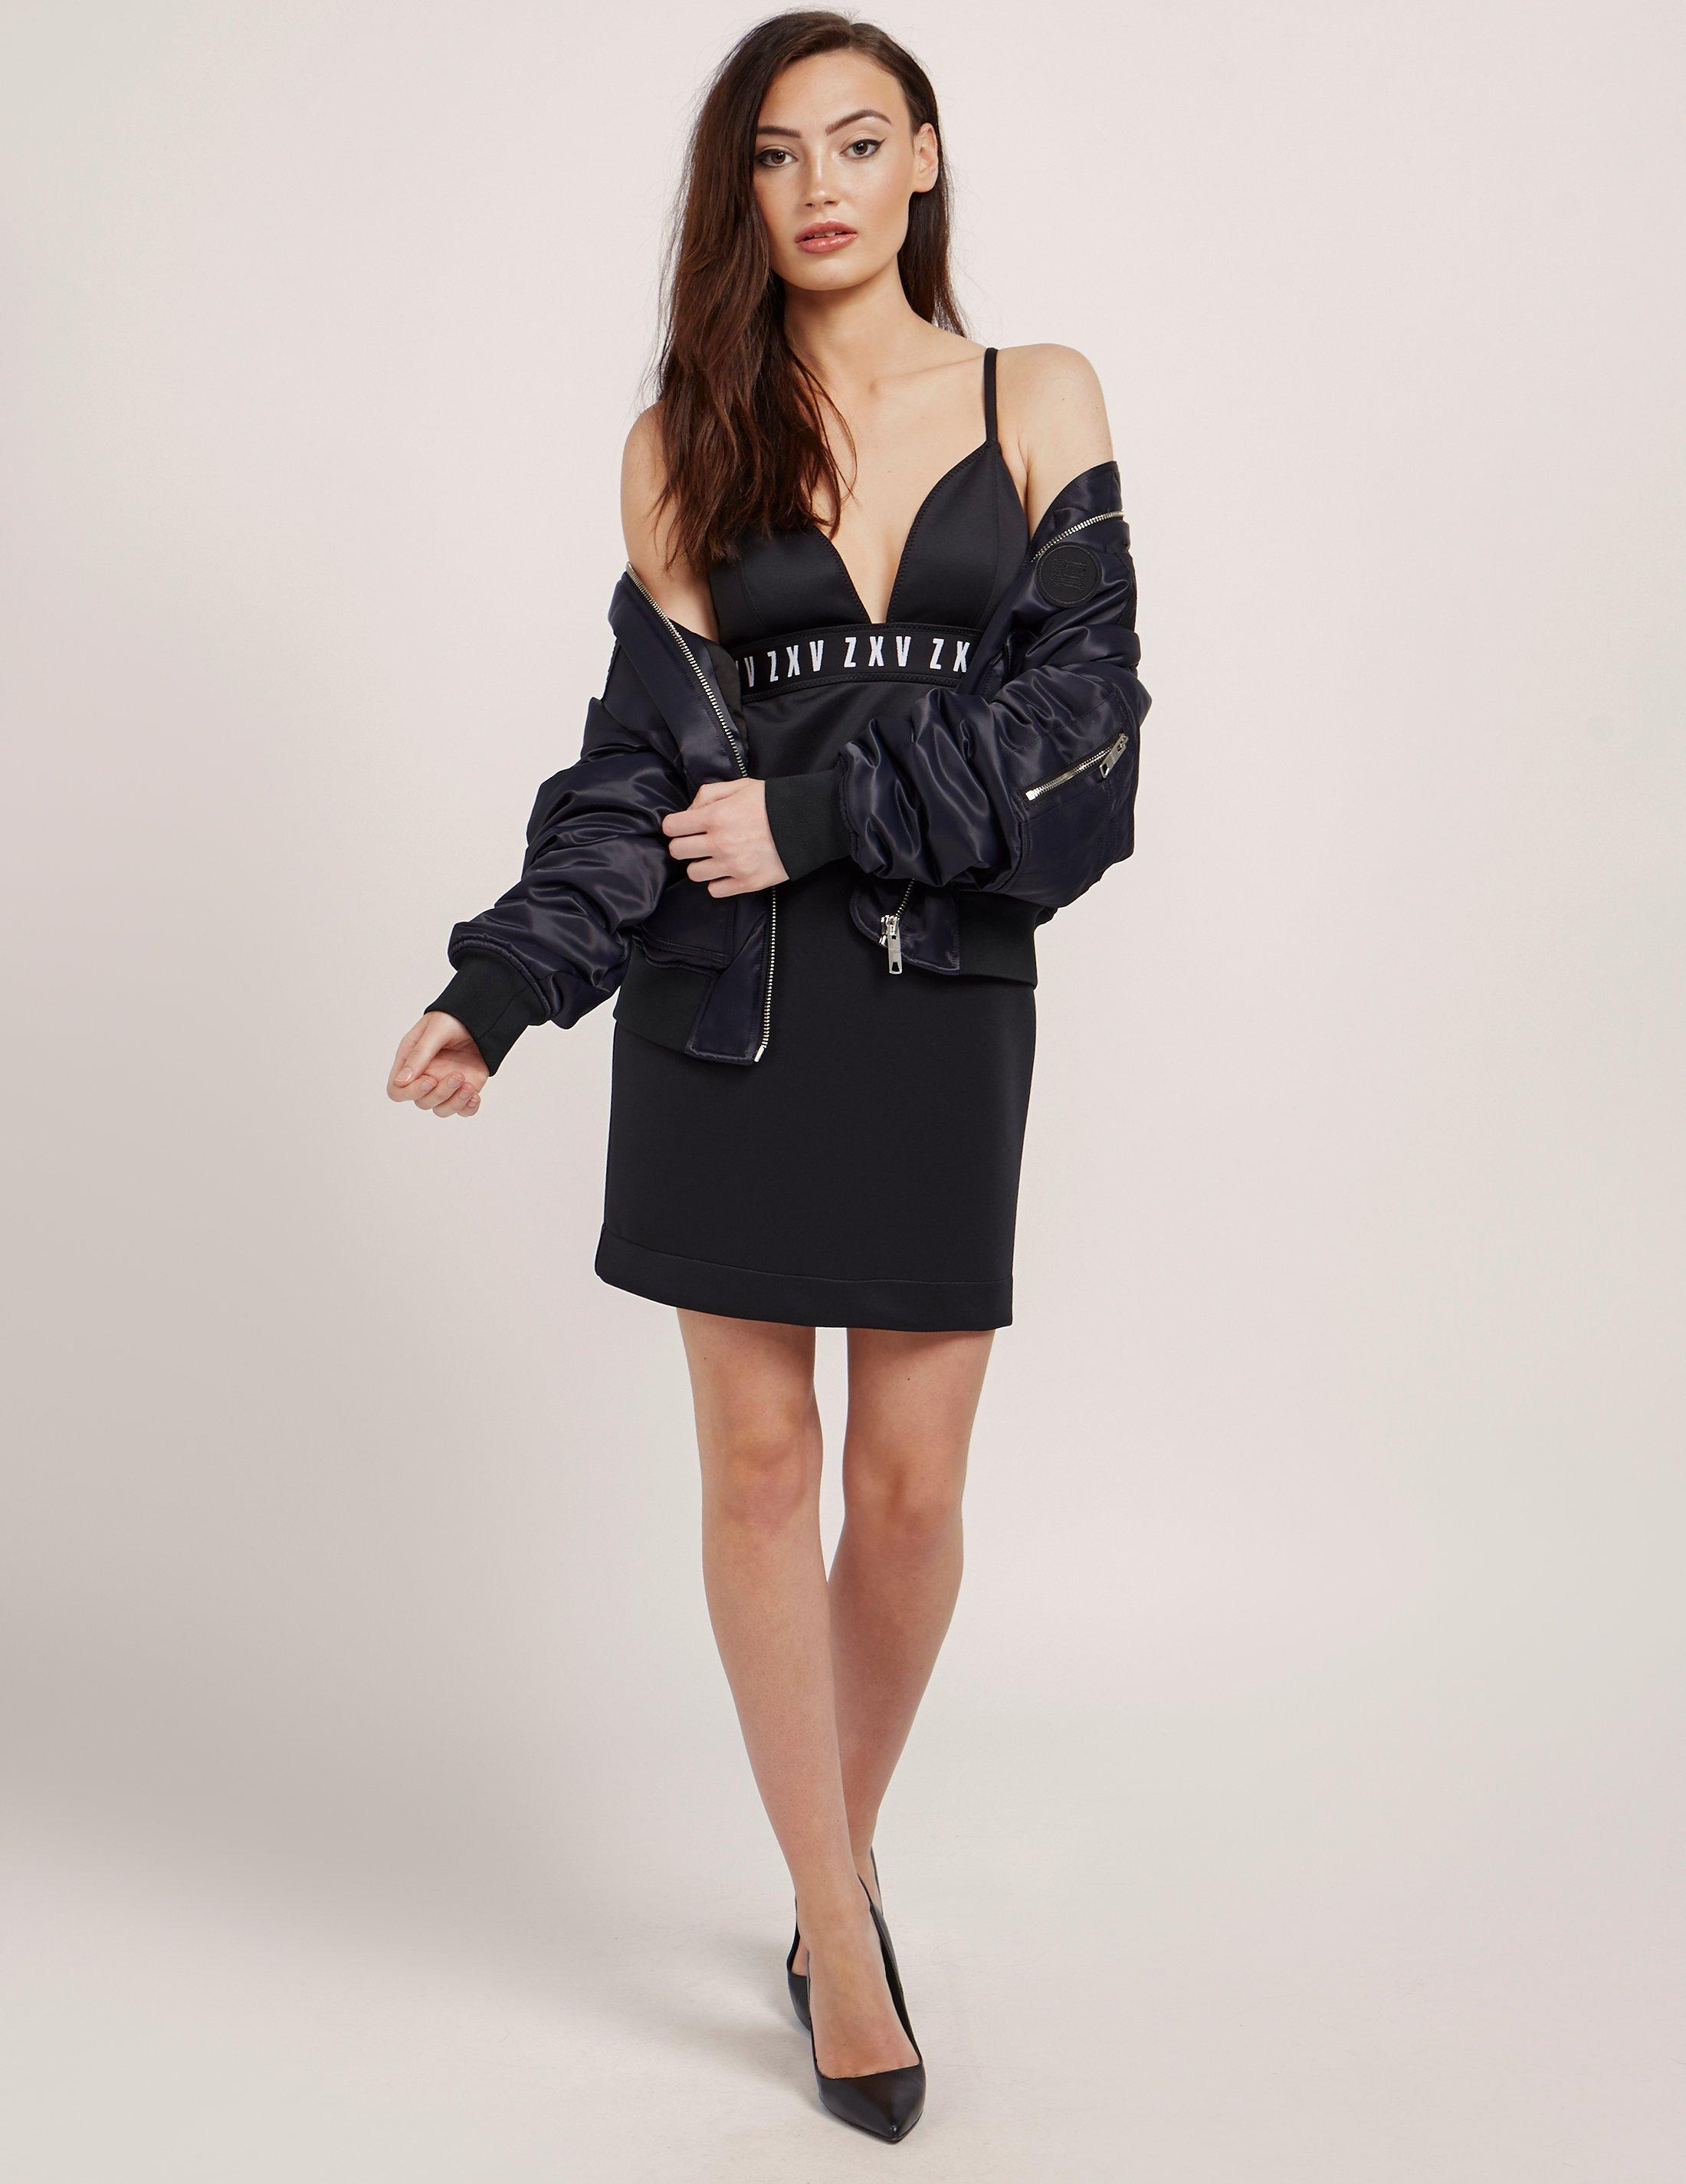 287f36950b Versus Womens X Zayn Triangle Top Dress - Online Exclusive Black in Black -  Lyst